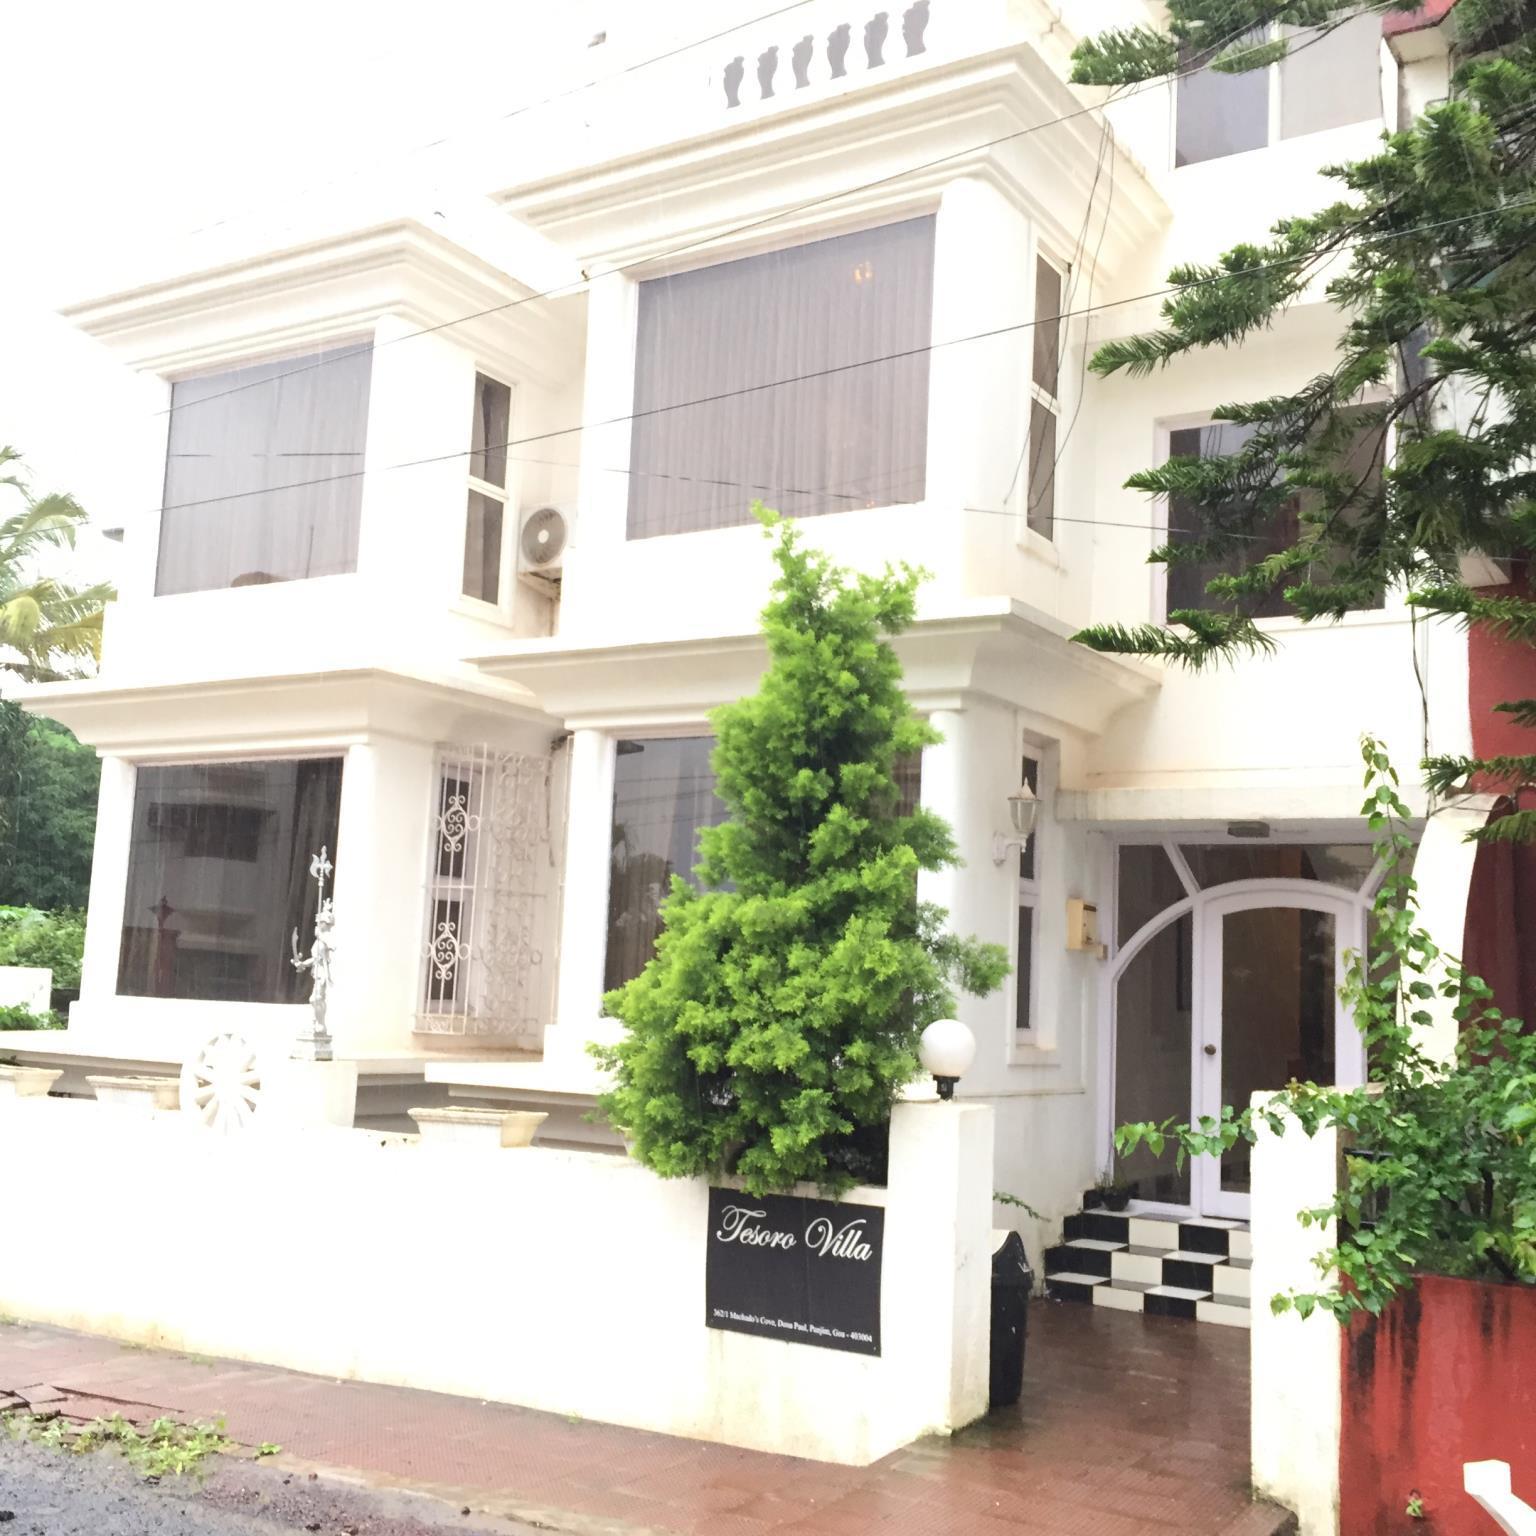 Seven Seas Villa